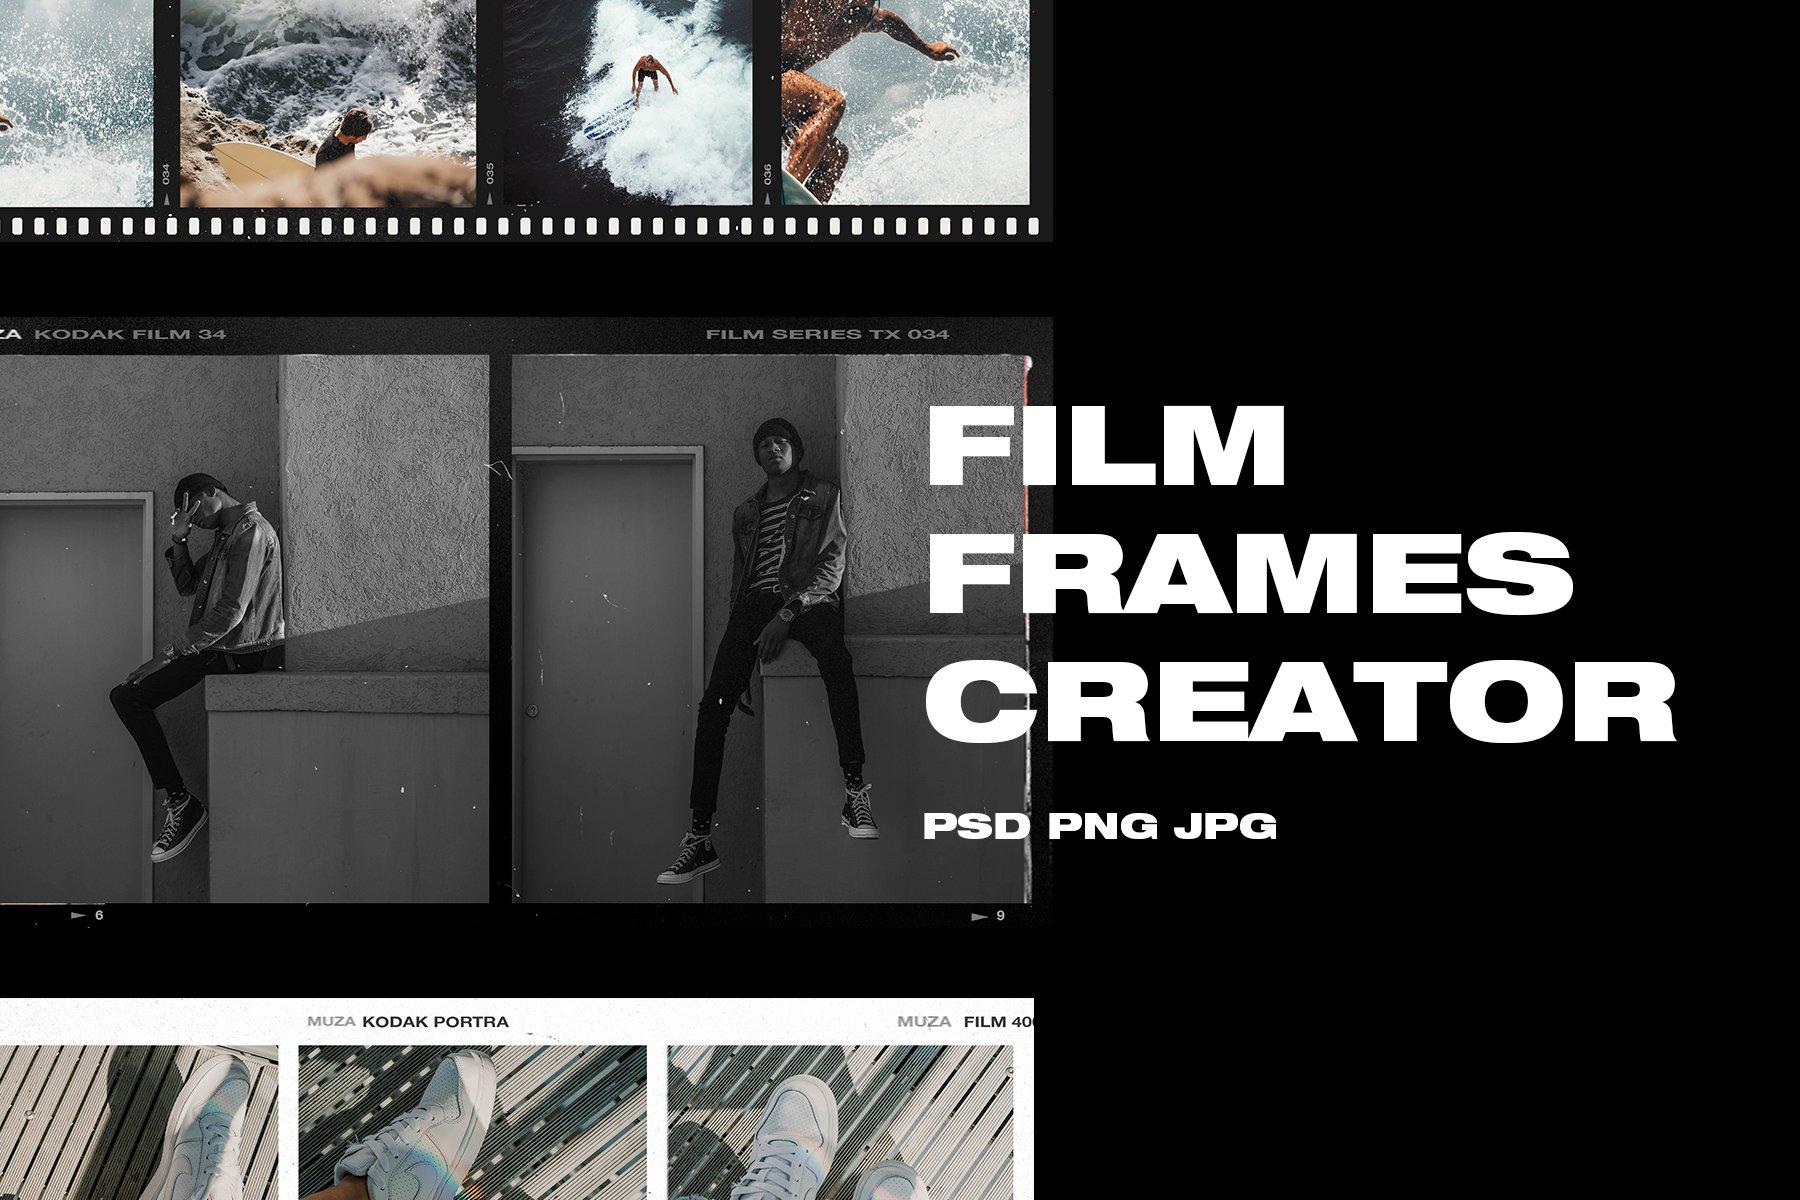 [淘宝购买] 复古做旧相机相片胶卷胶片边框图层叠加样机PS设计素材 High Quality Film Frames Creator插图